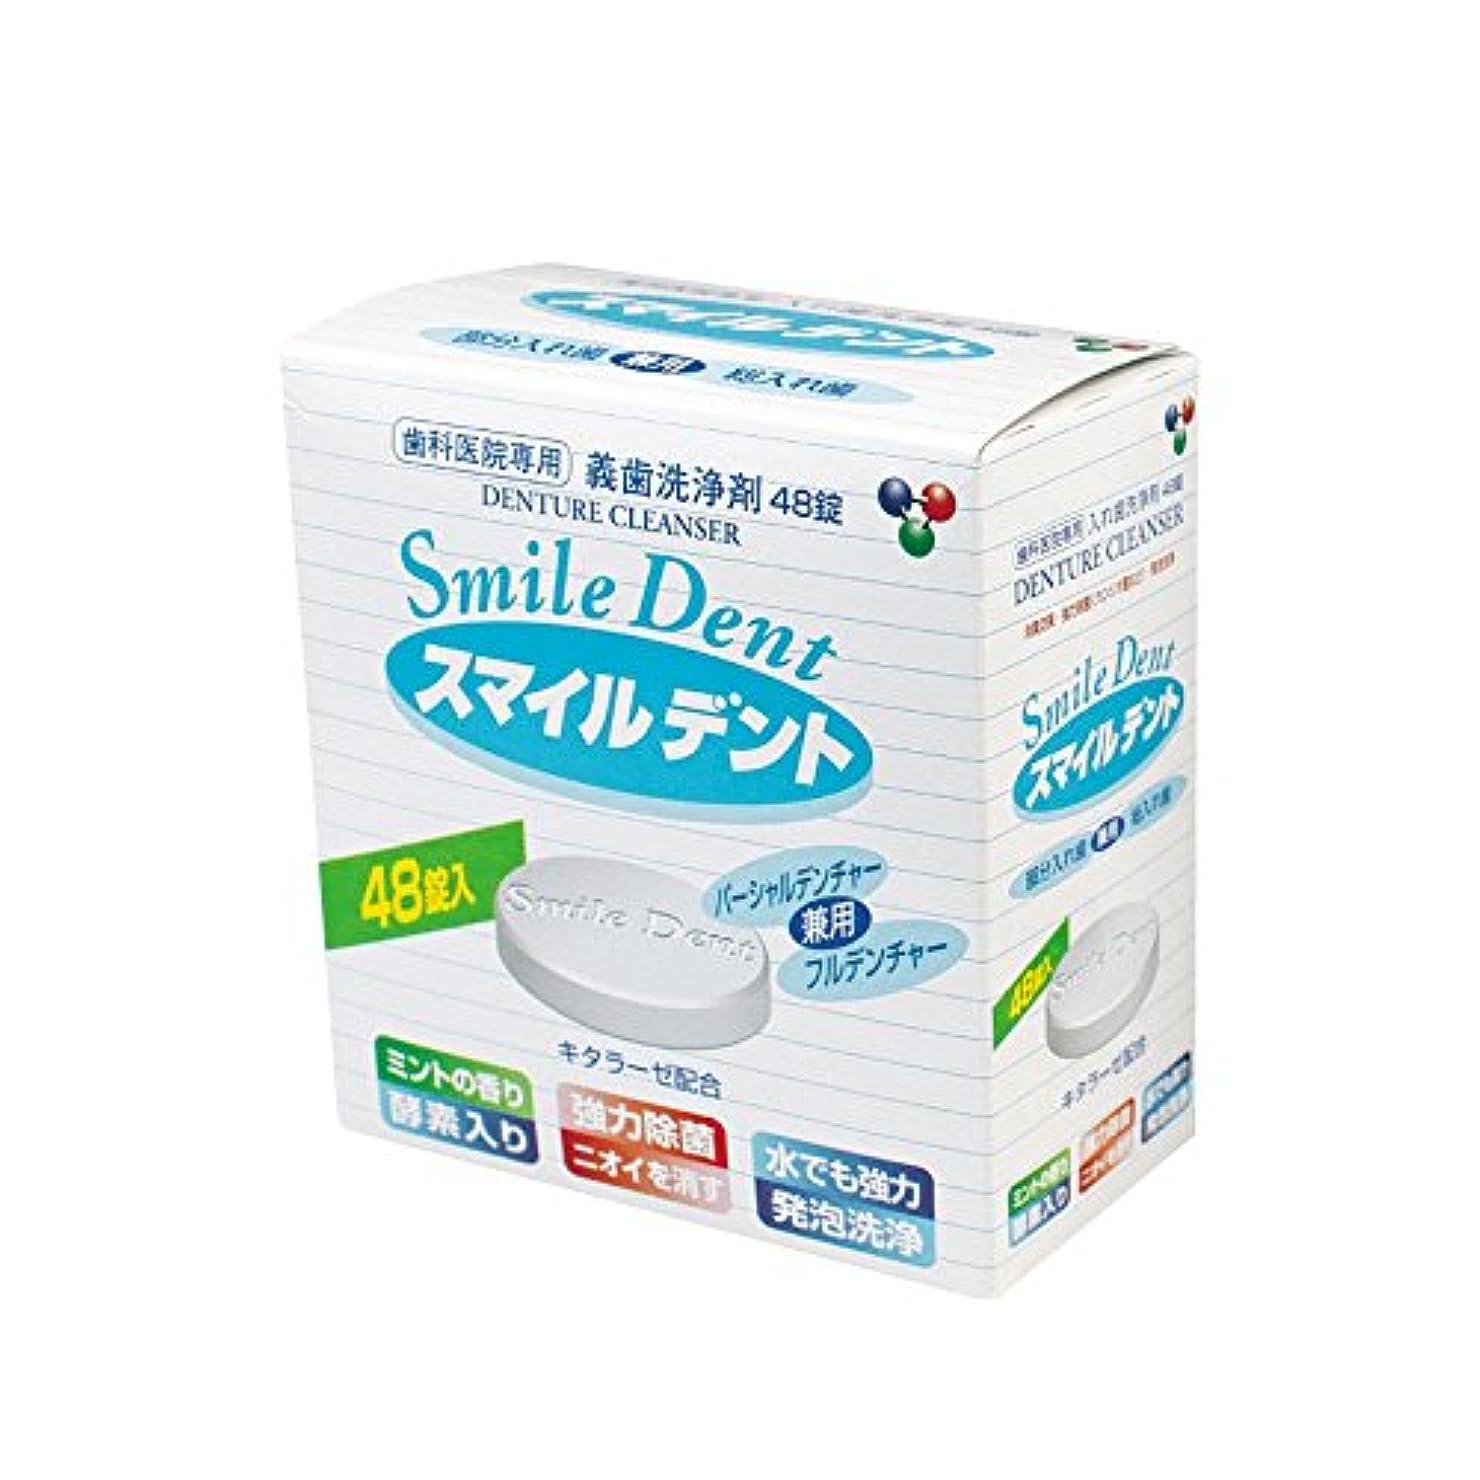 舗装するそよ風を通して義歯洗浄剤 スマイルデント 1箱(48錠)